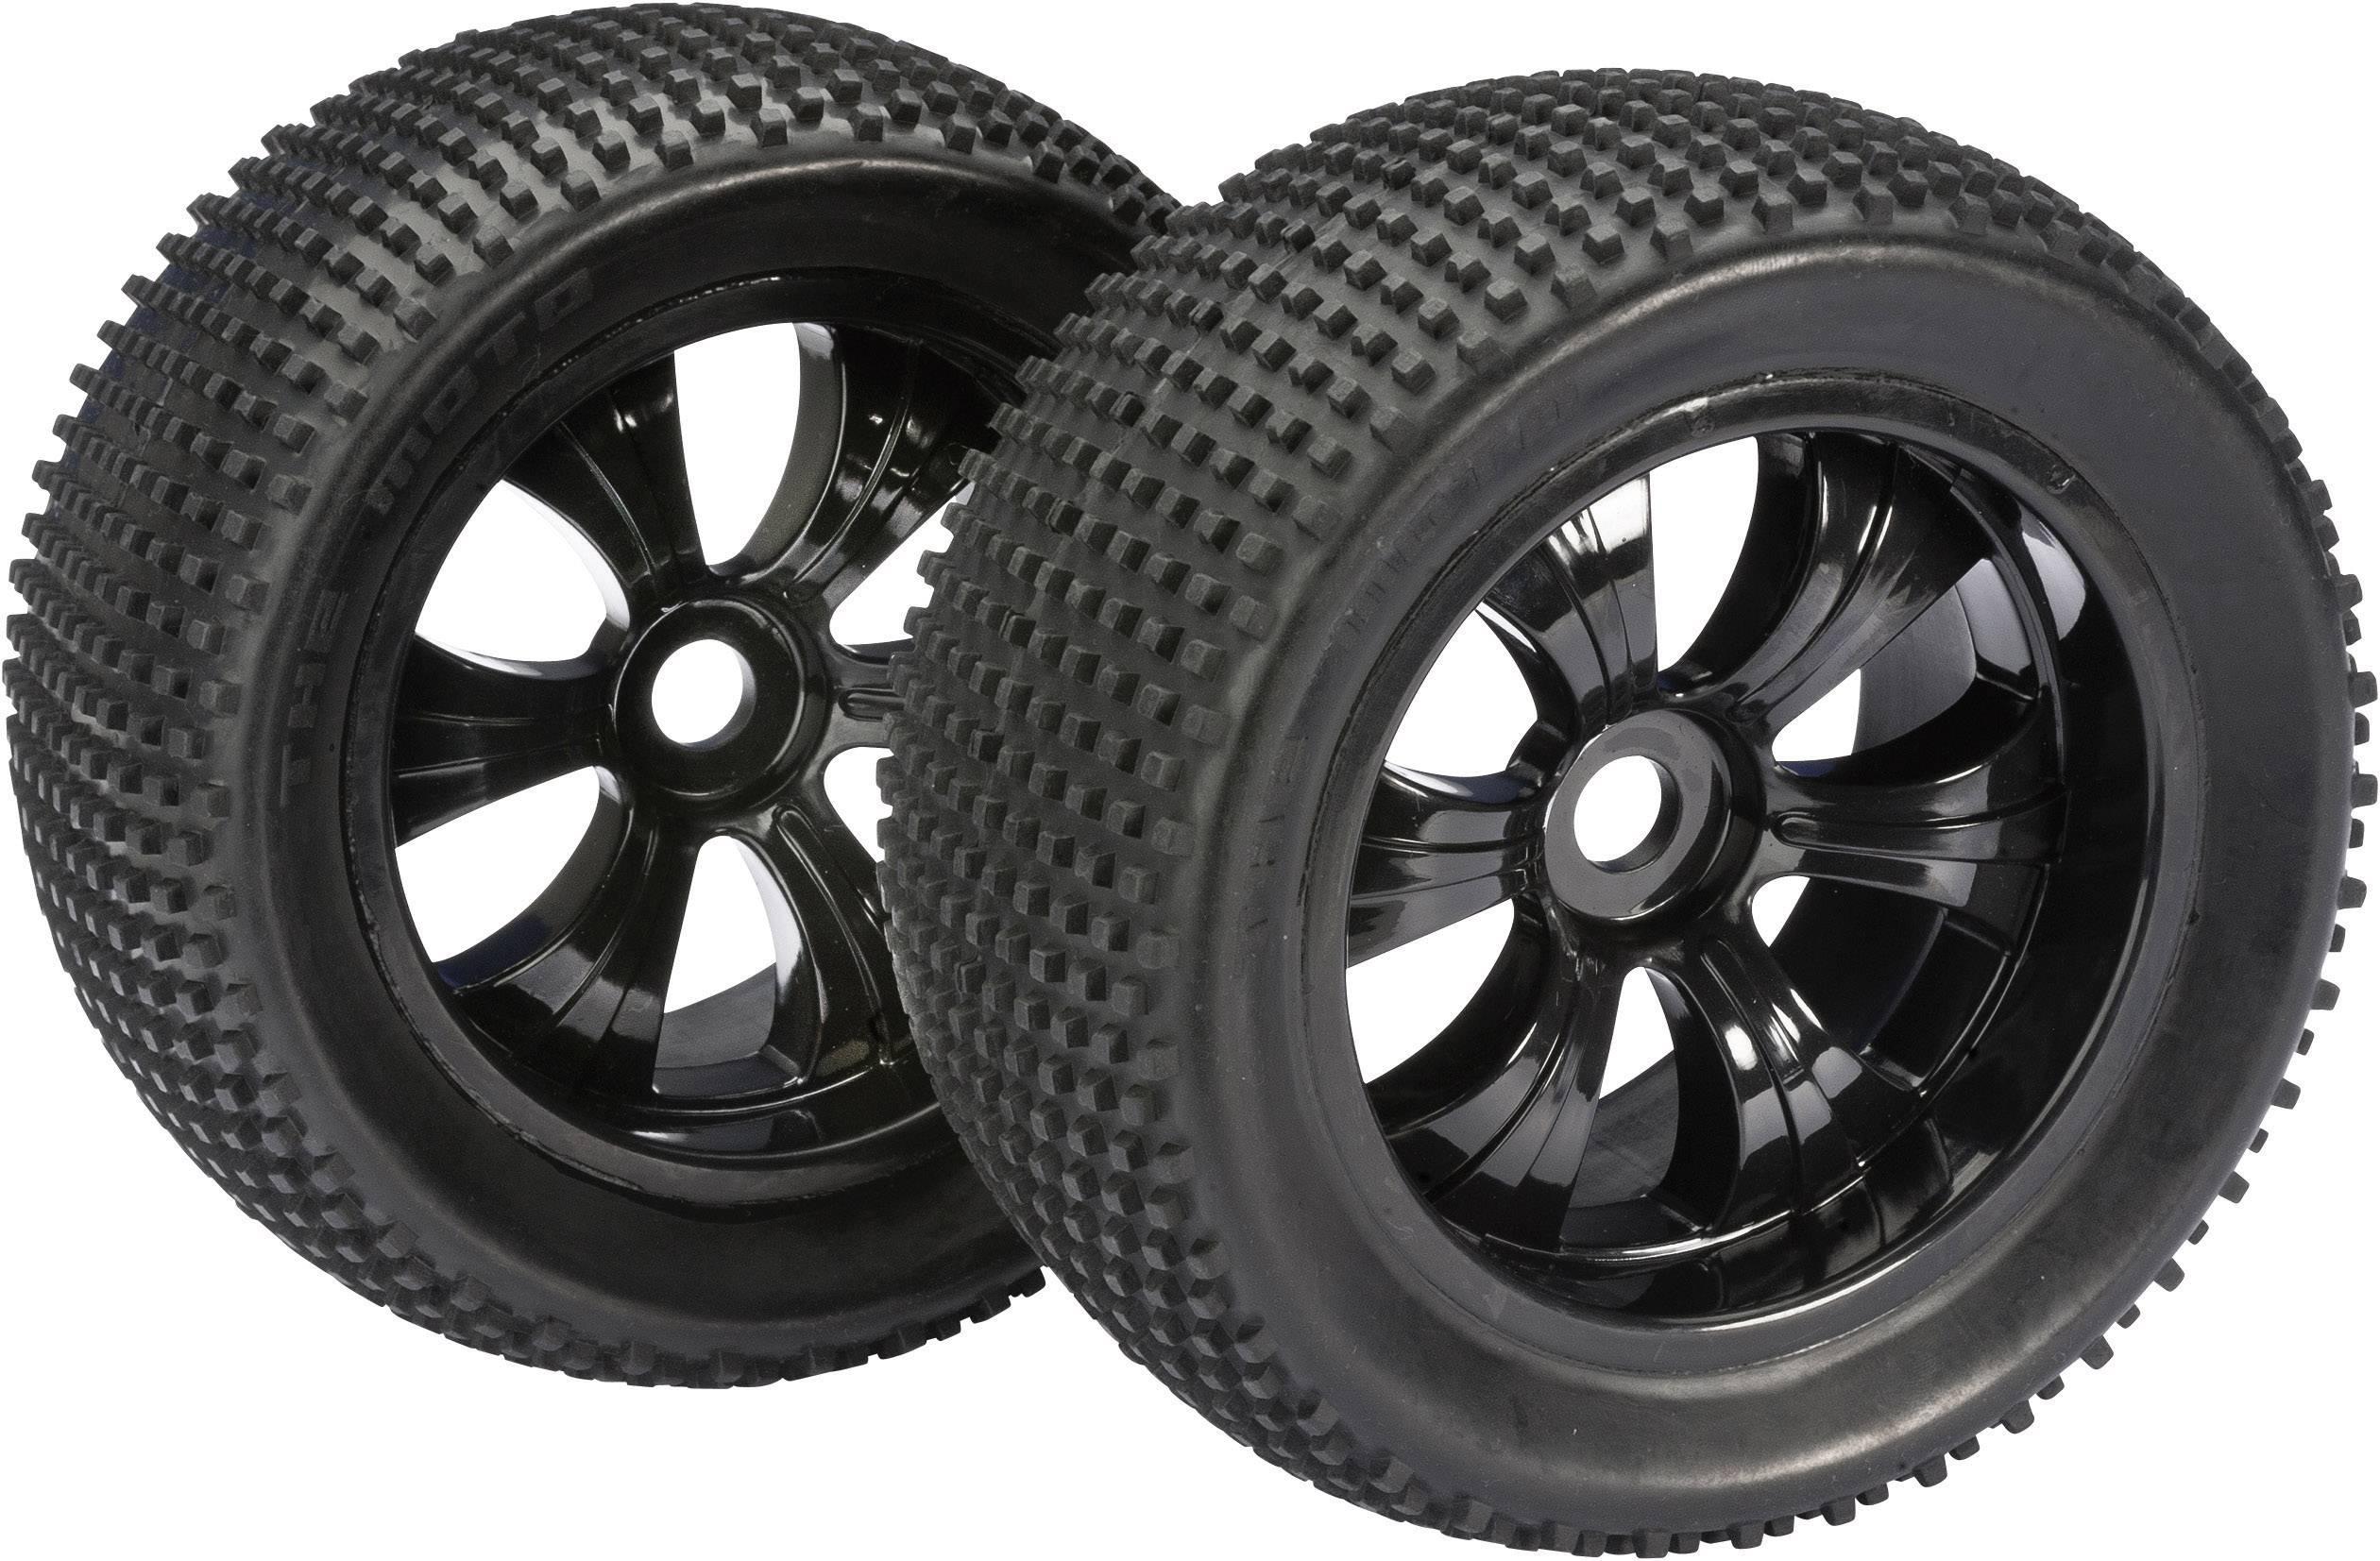 Kompletné kolesá Dirty Absima 2520013 pre truggy, 145 mm, 1:8, 2 ks, čierna